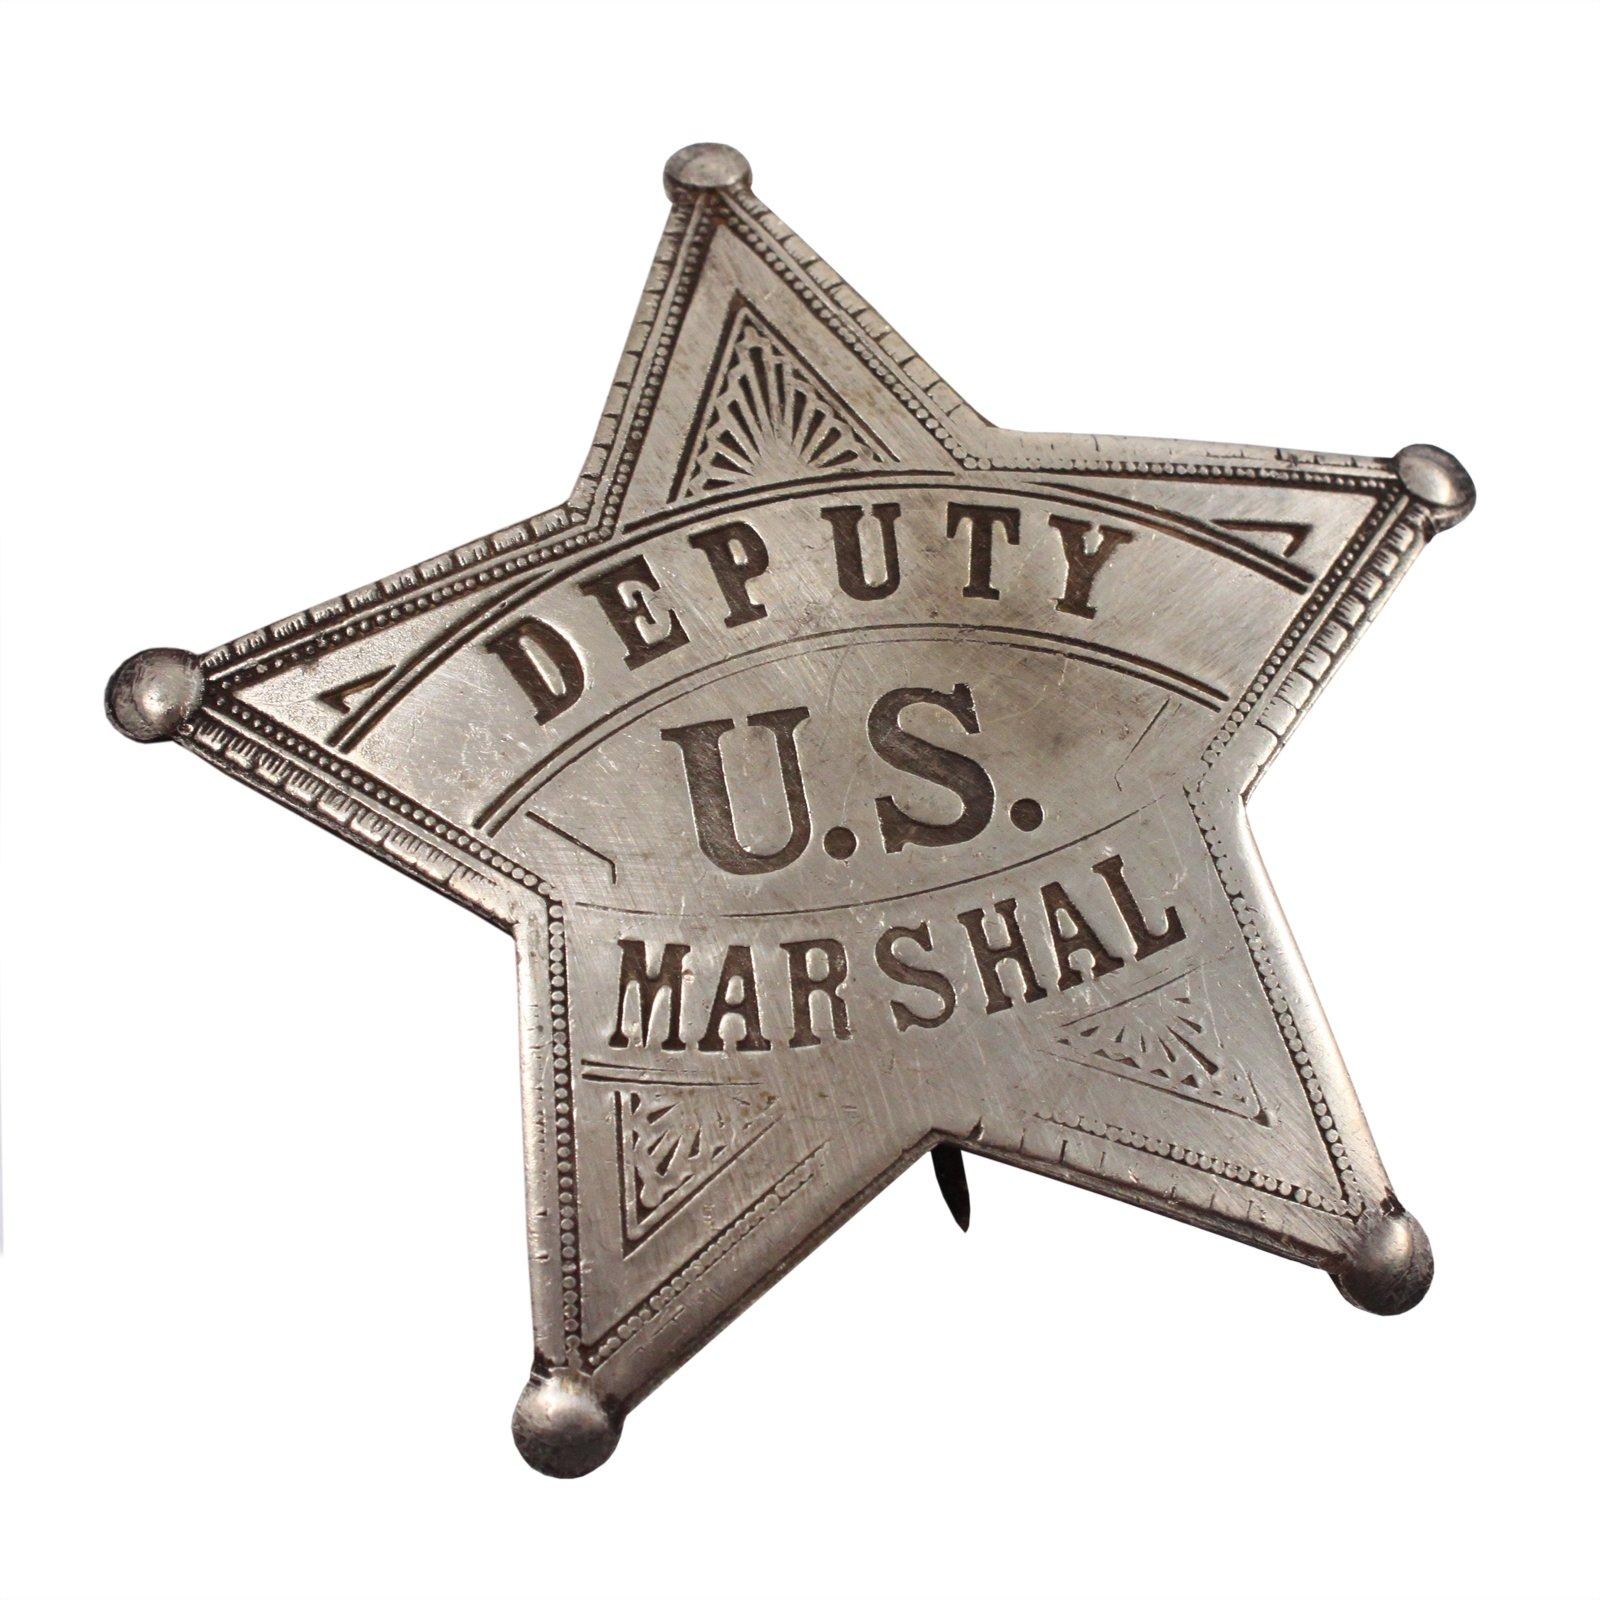 United States Deputy Marshal